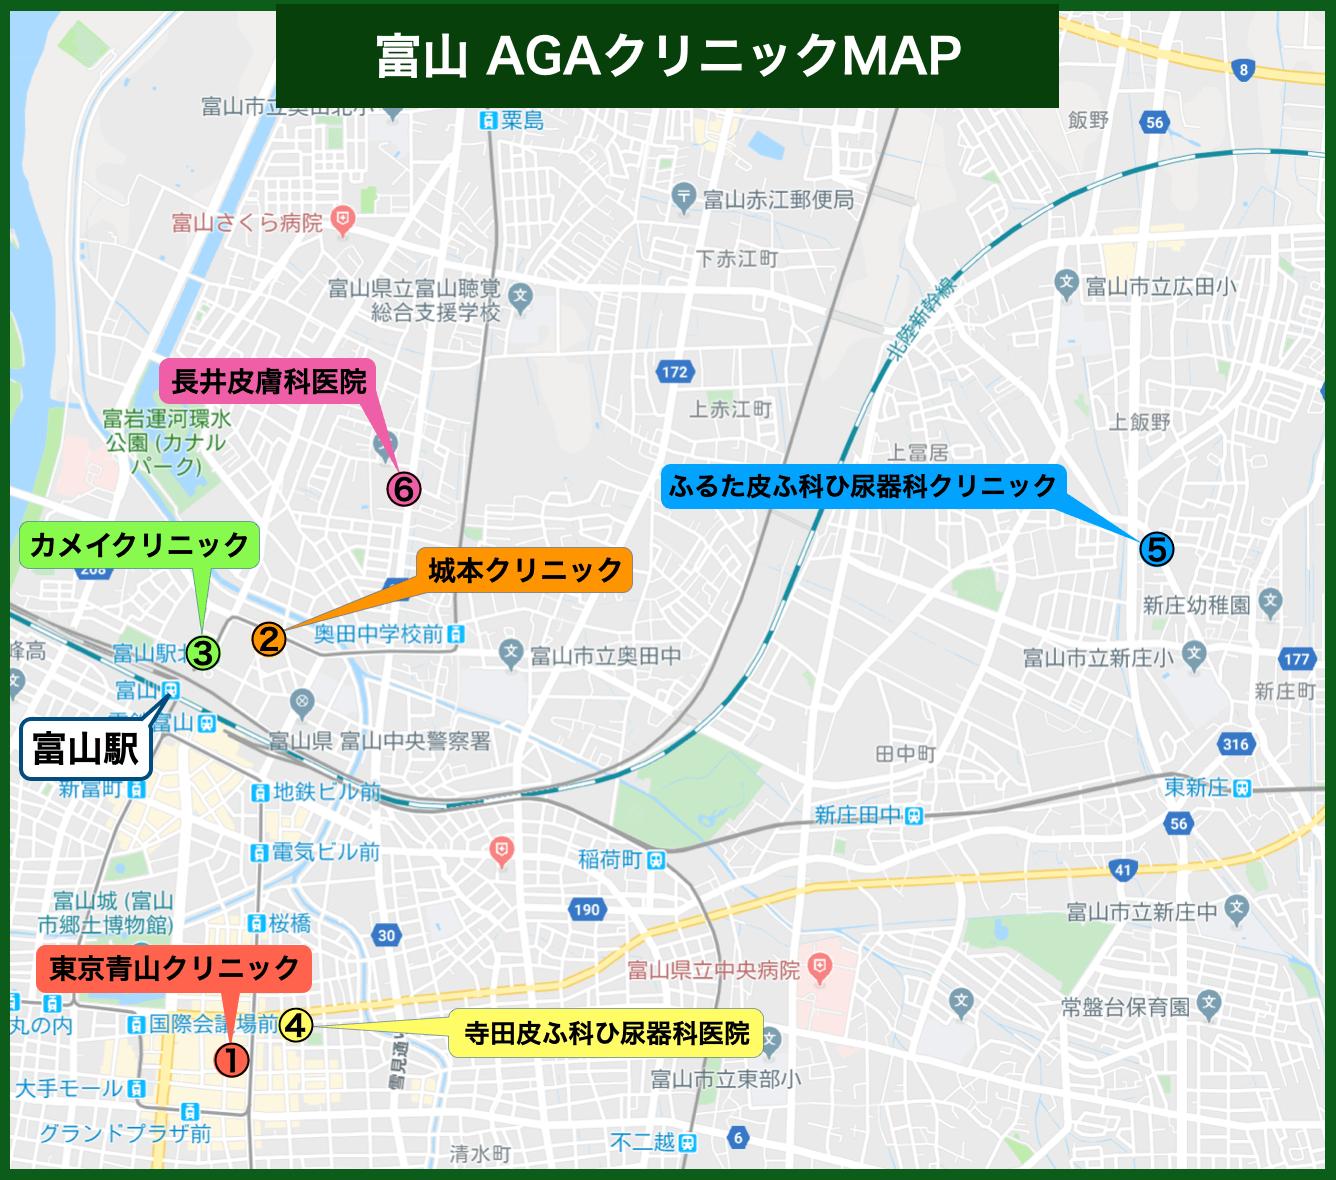 富山 AGAクリニックMAP